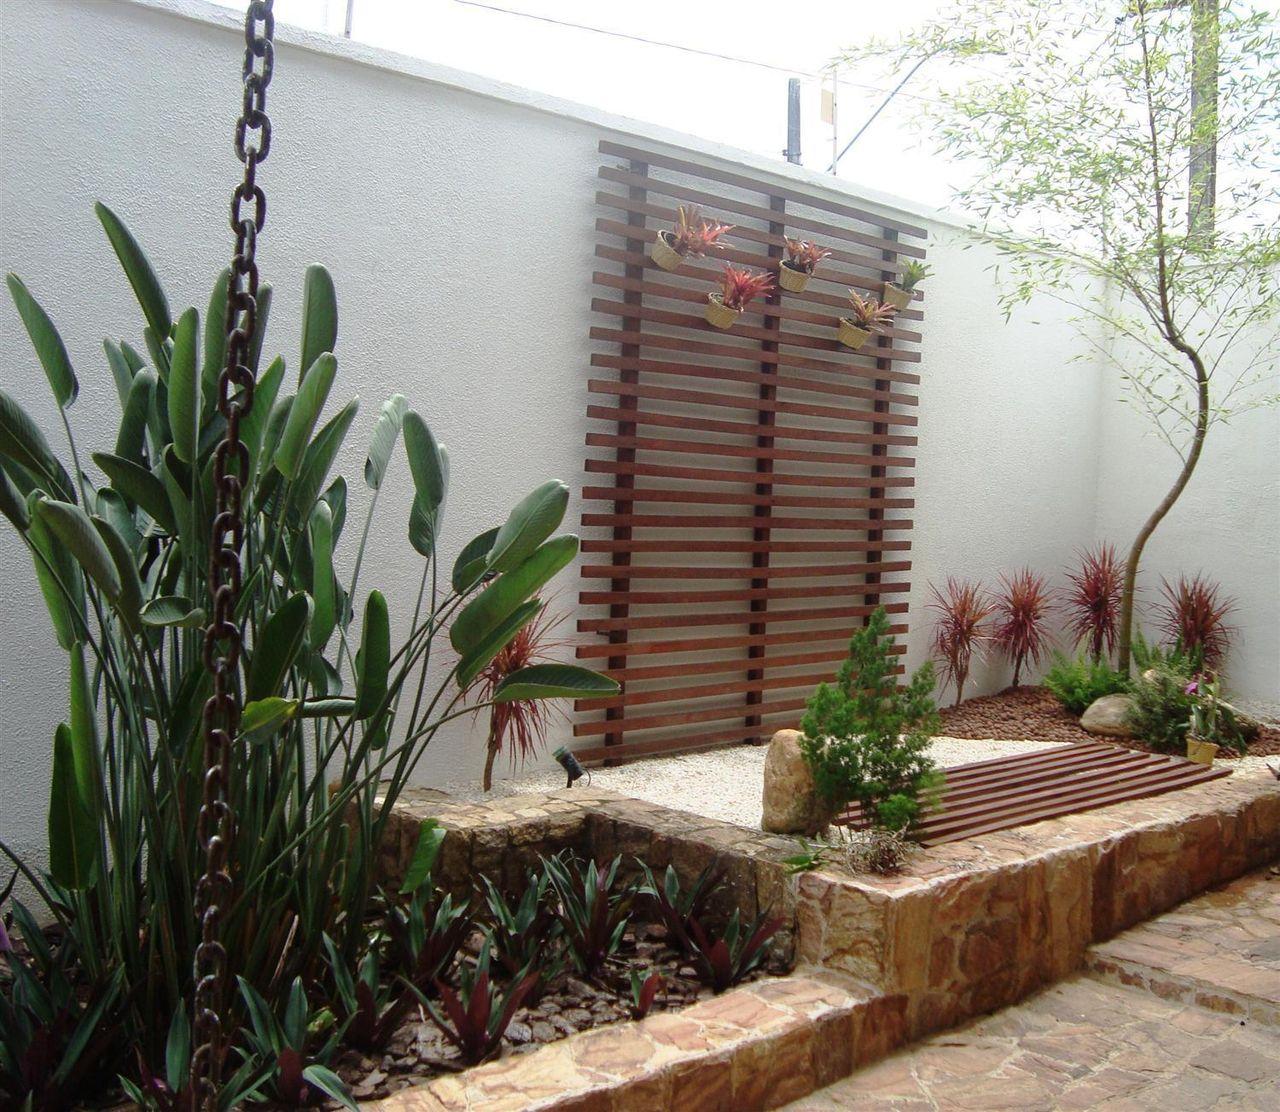 Jardim Área Externa kellypetillo 54722